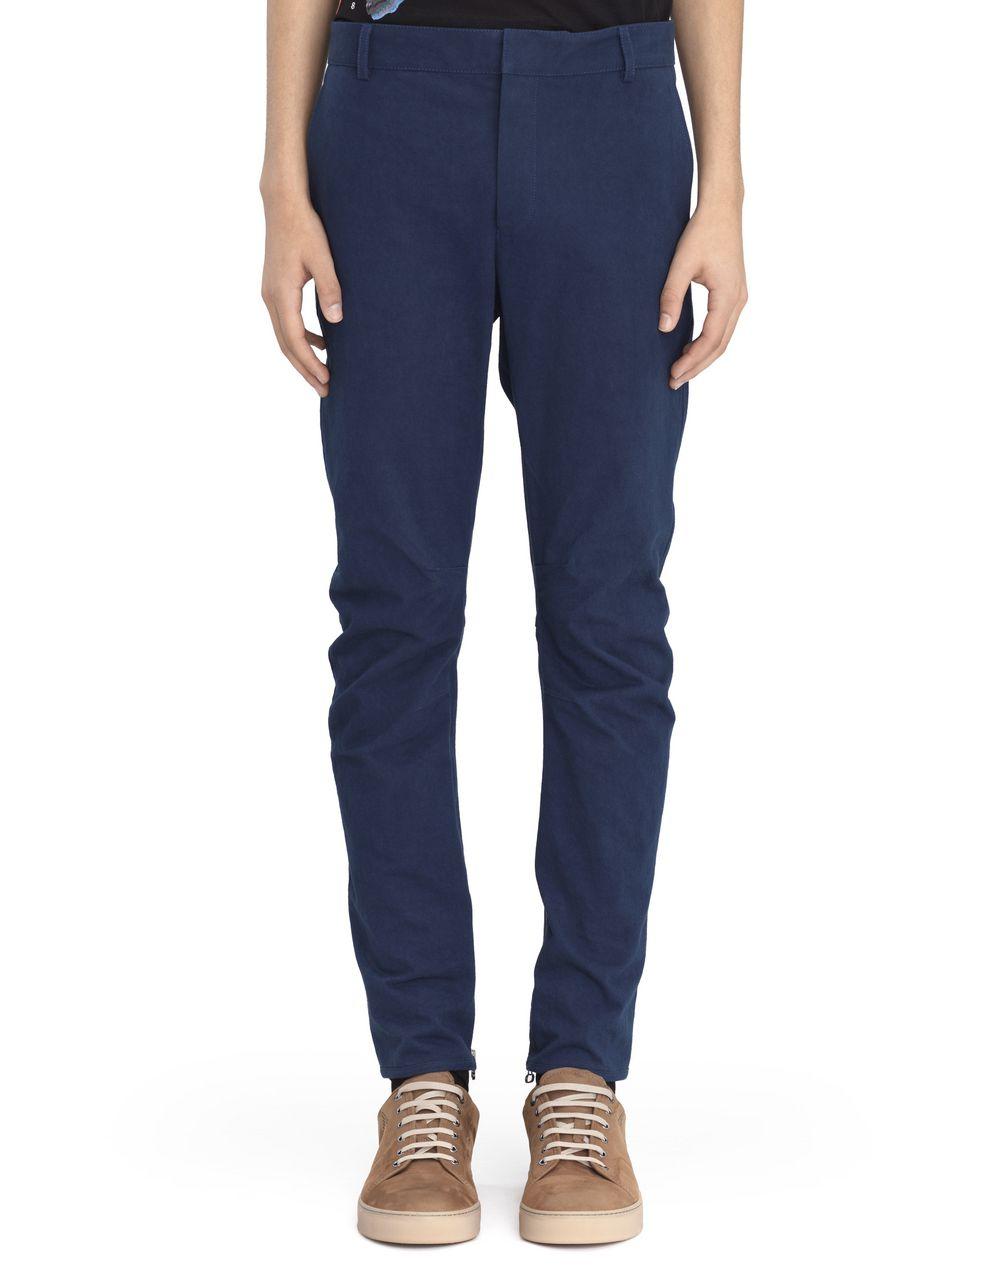 Pantalon biker en coton bleu,Lanvin Prix €675